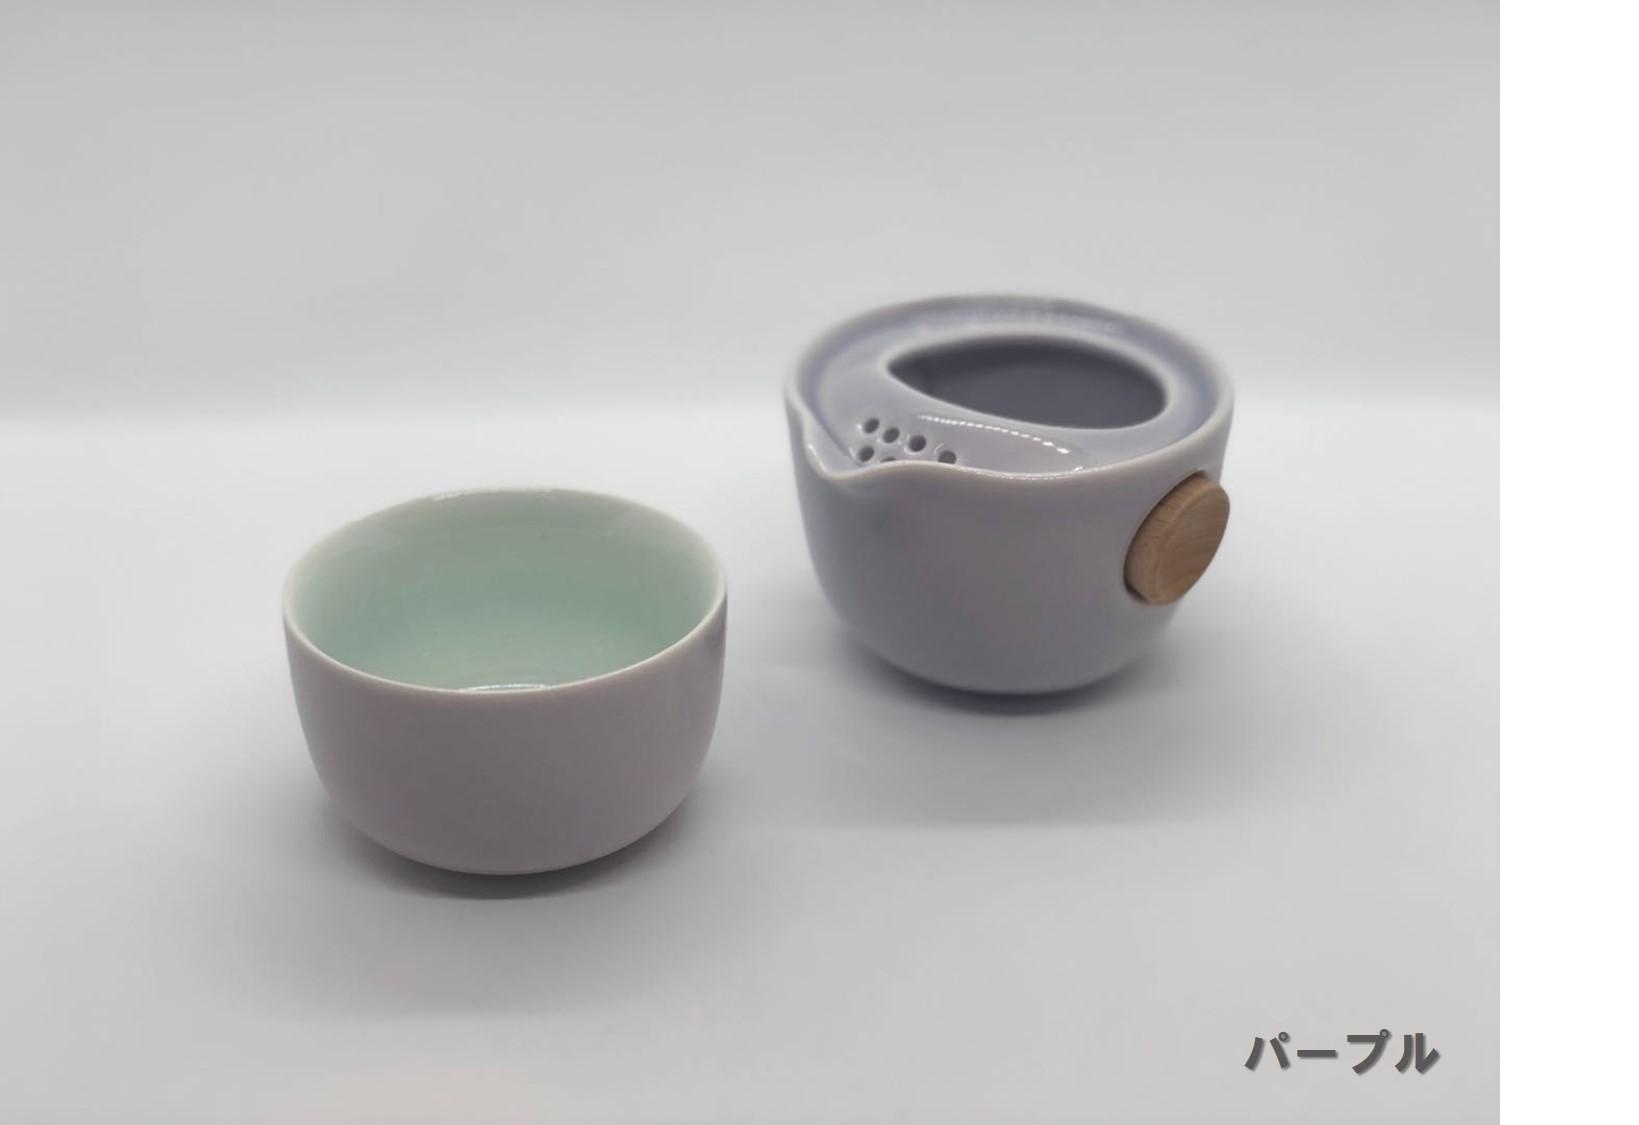 《お試し茶葉付》EILONG/茶器セット【各色】